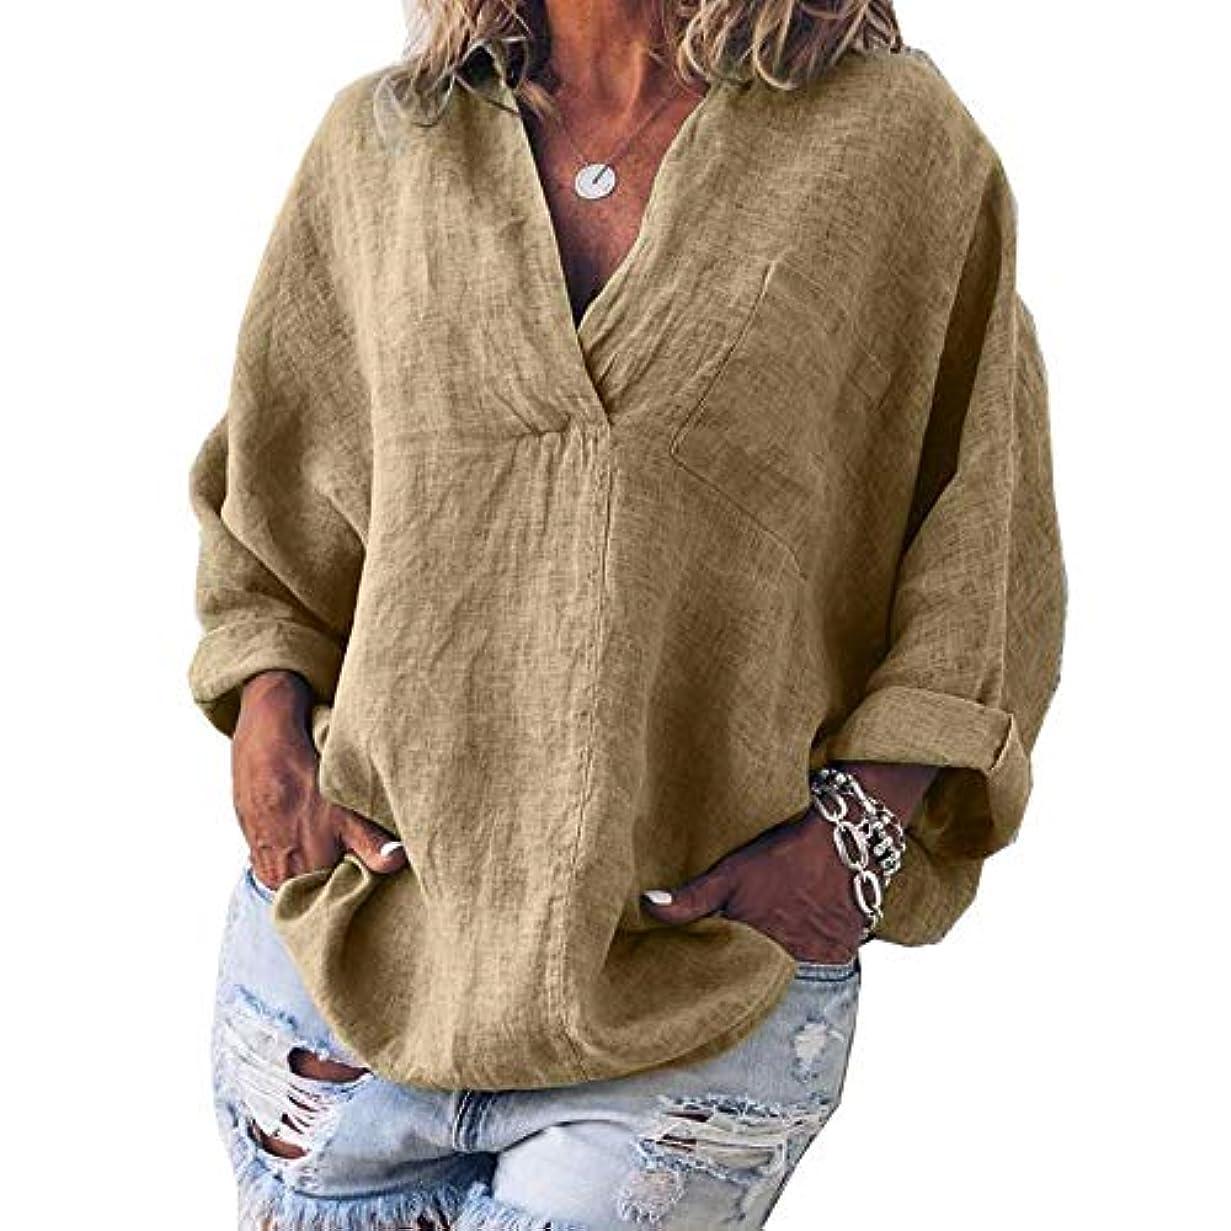 静けさ税金効能あるMIFAN女性ファッション春夏チュニックトップス深いVネックTシャツ長袖プルオーバールーズリネンブラウス